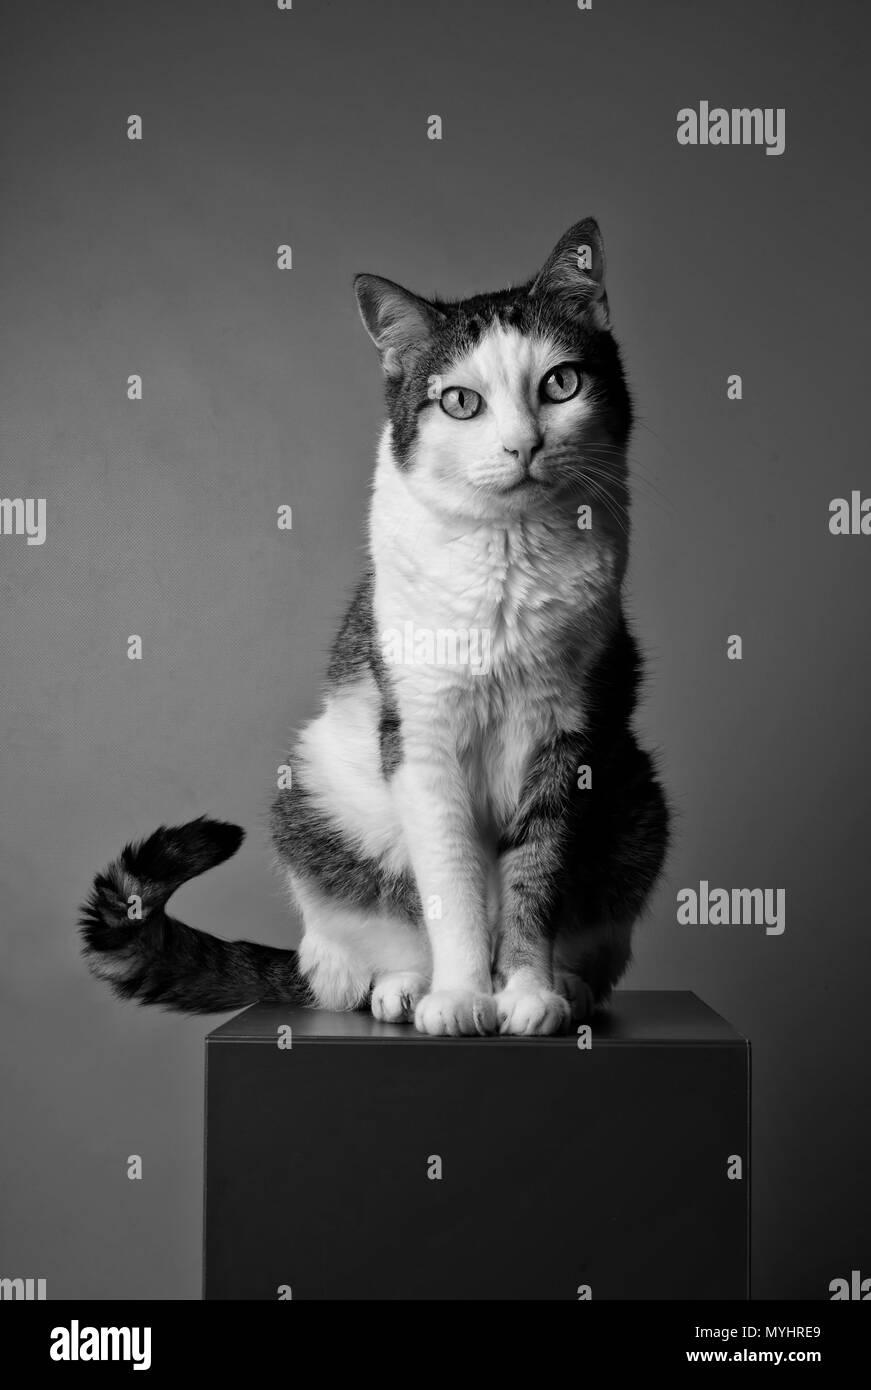 01a953d225e Retrato en blanco y negro de un gato atigrado mirando curioso a la cámara.  Imagen